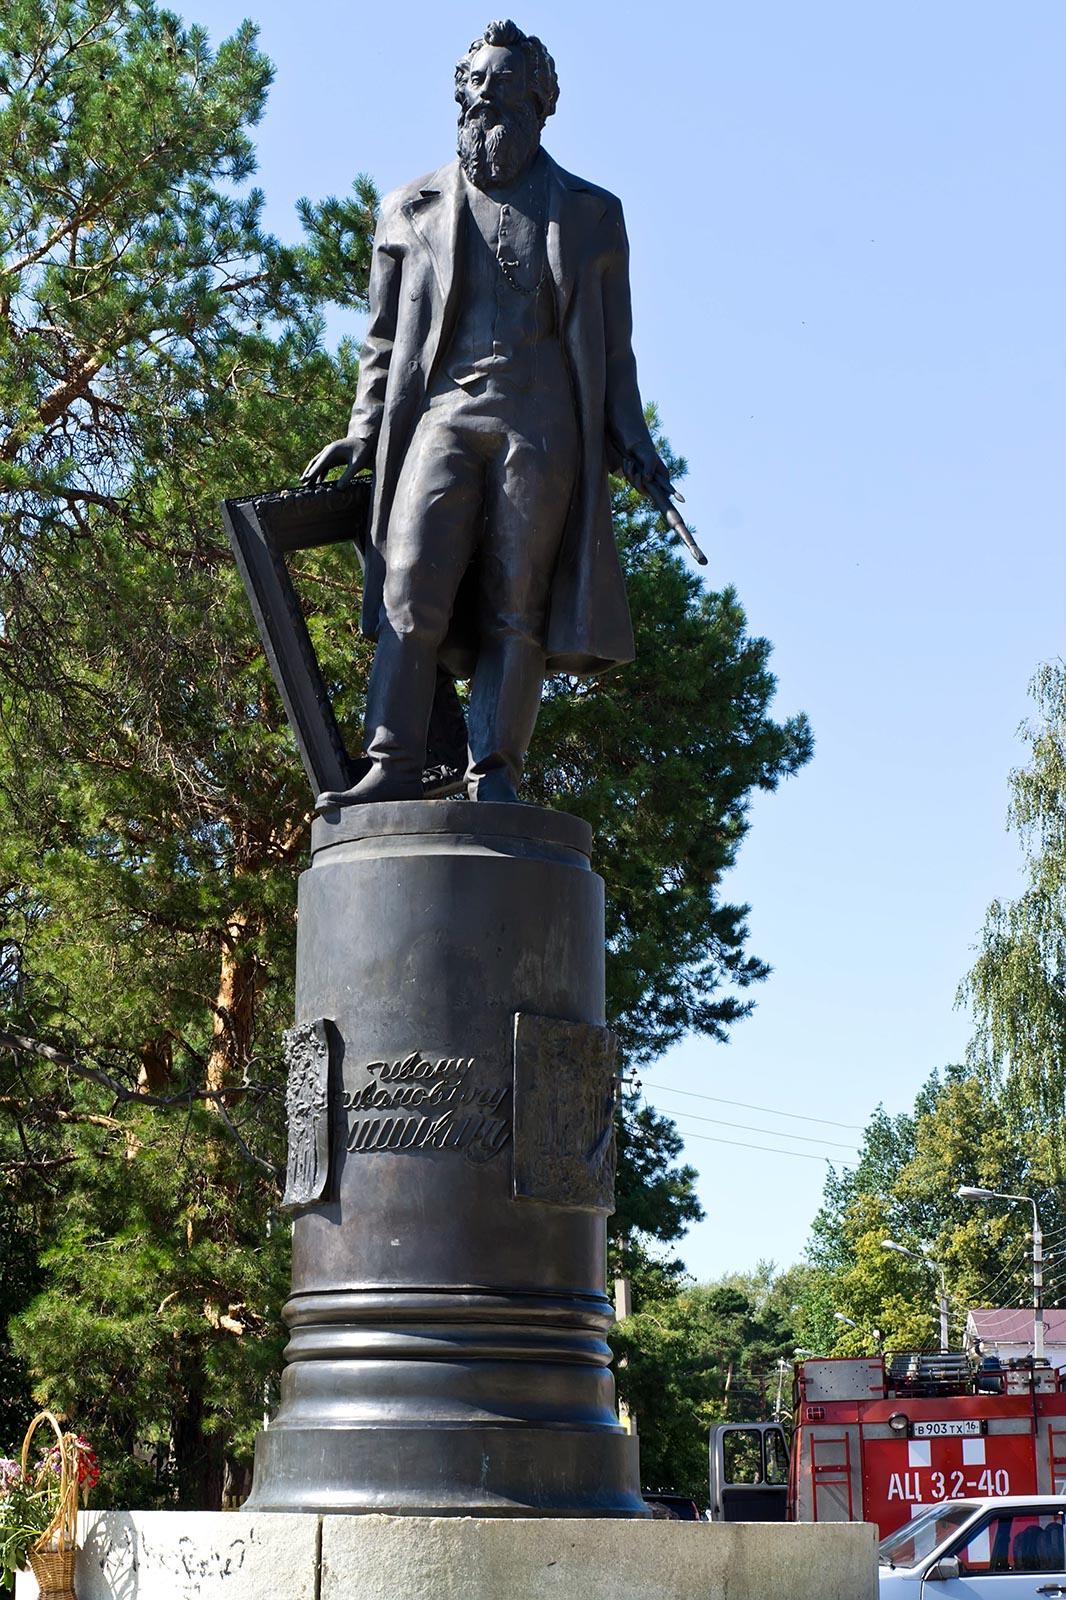 Фото №108697. Памятник И.И.Шишкину. Елабуга, 3 августа 2012